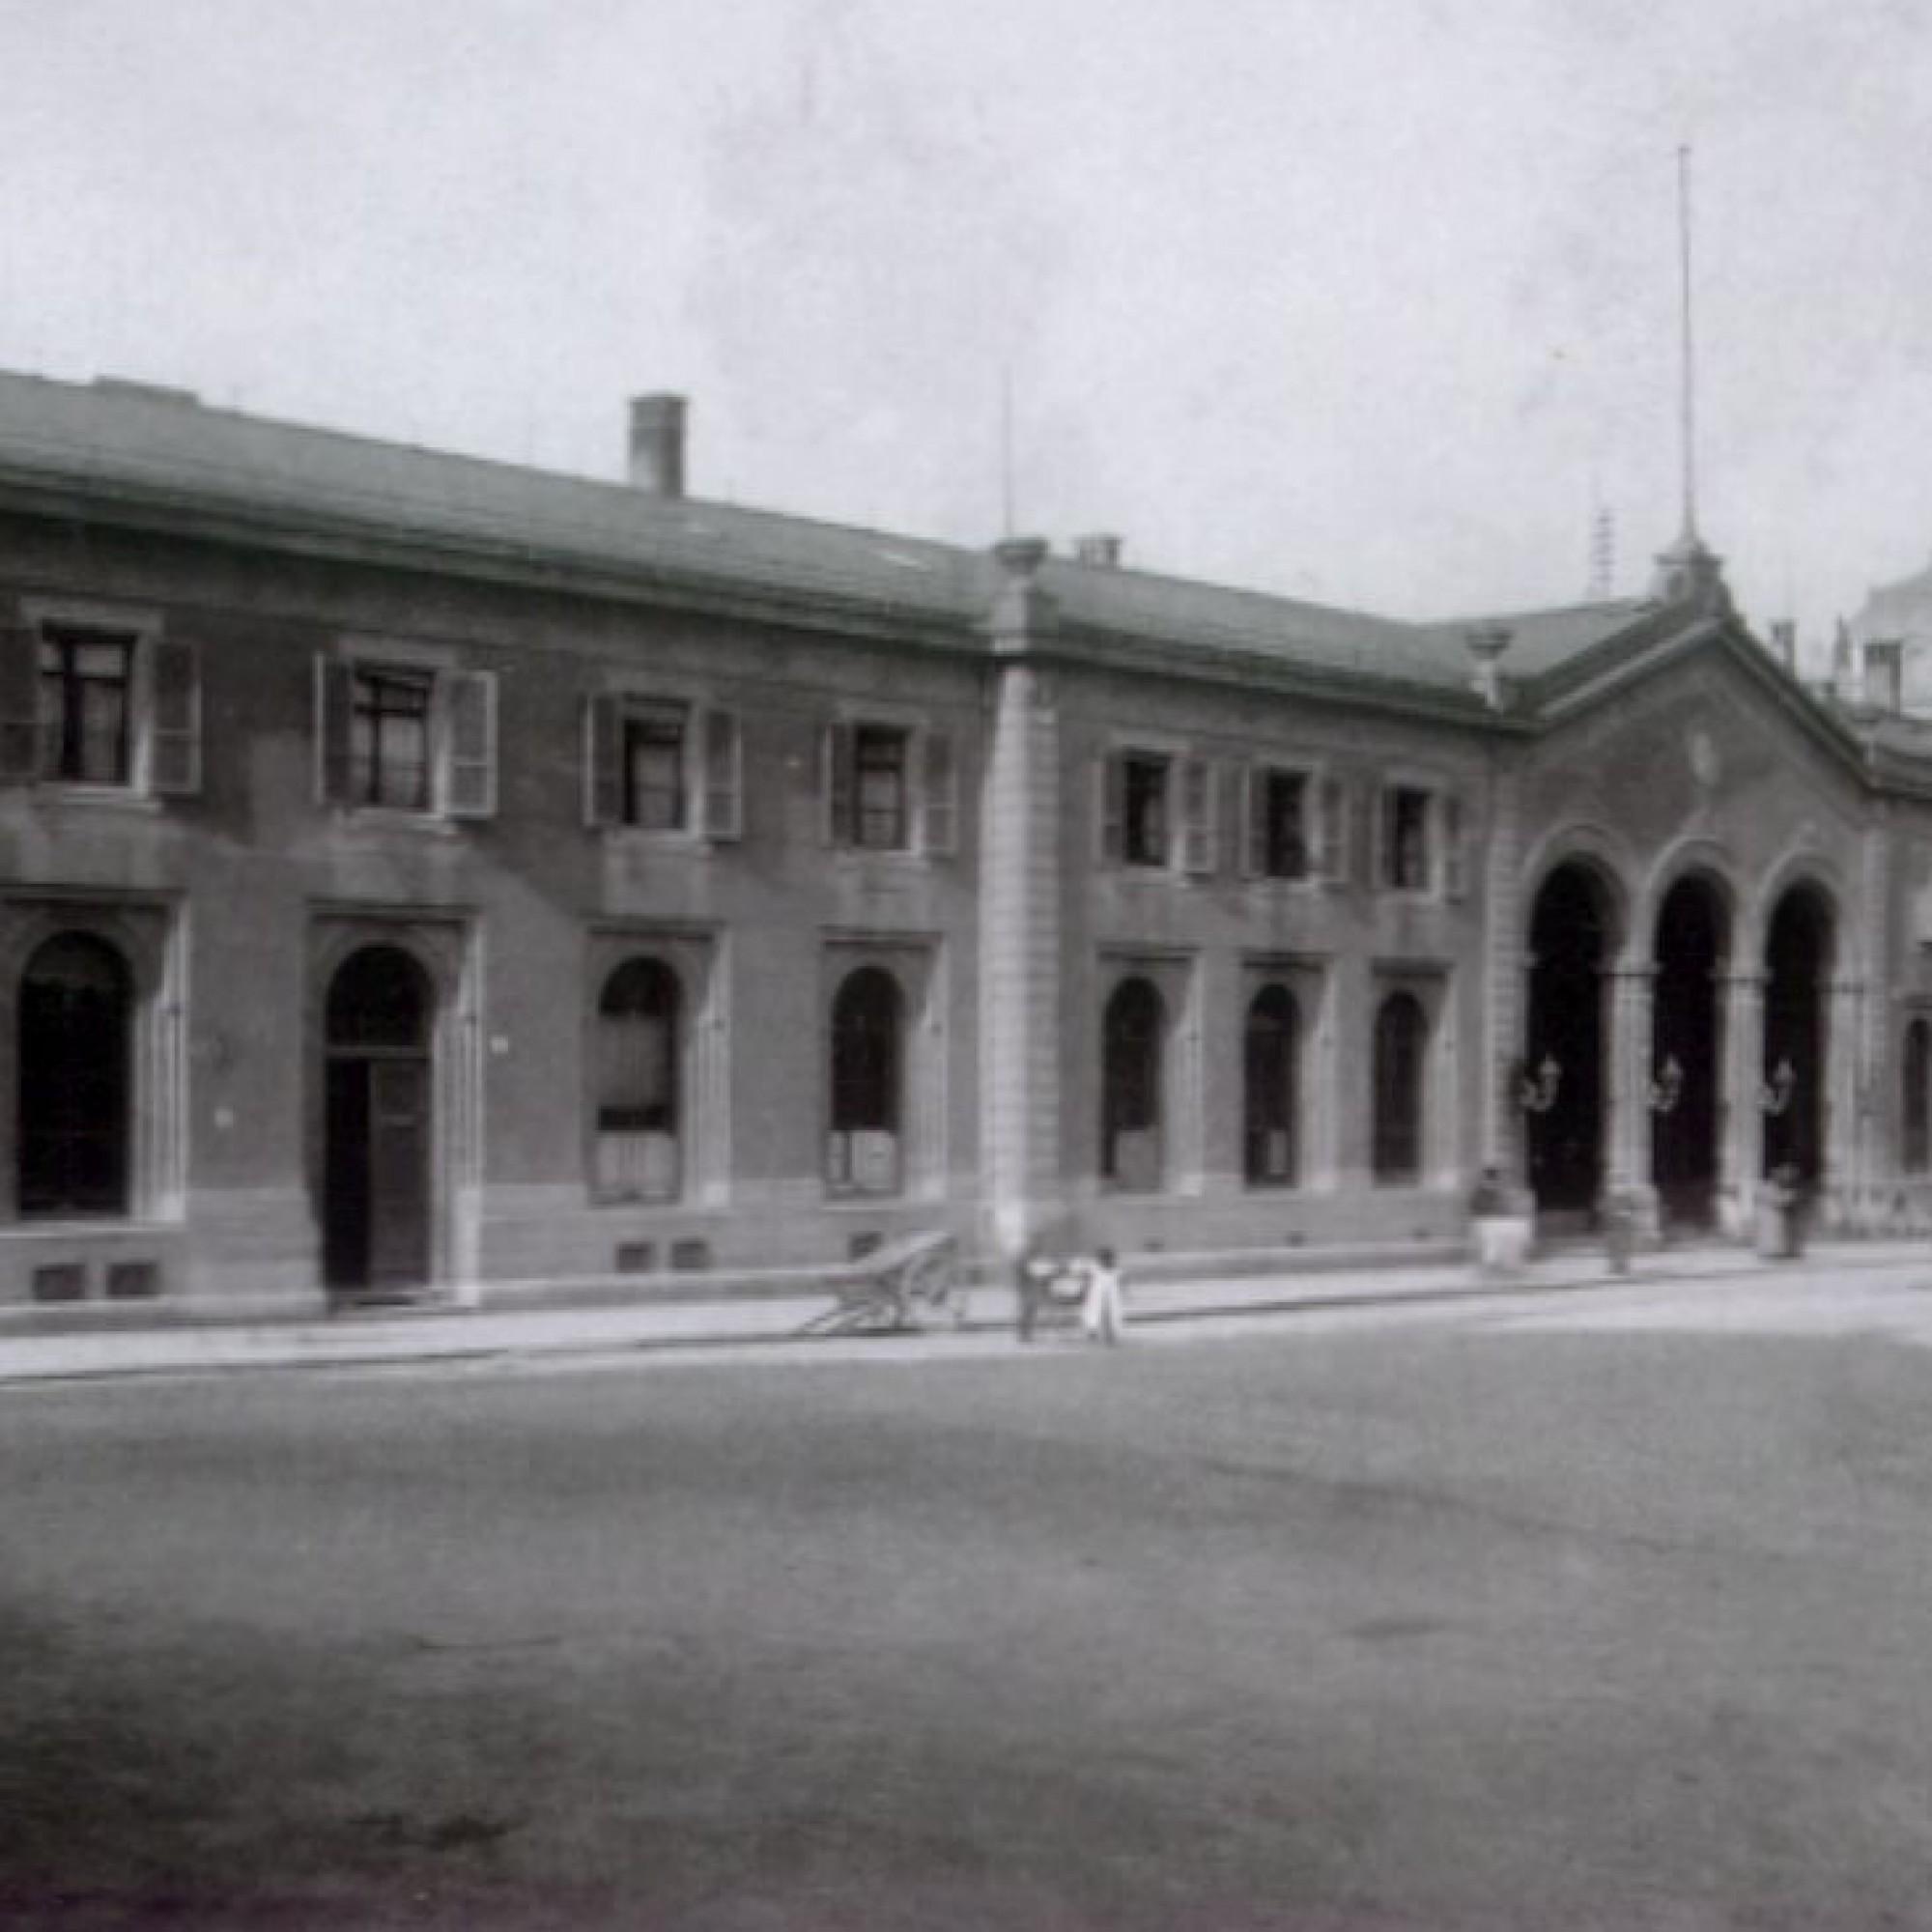 Empfangsgebäude des Kopfbahnhofs Bern im Jahre 1860.